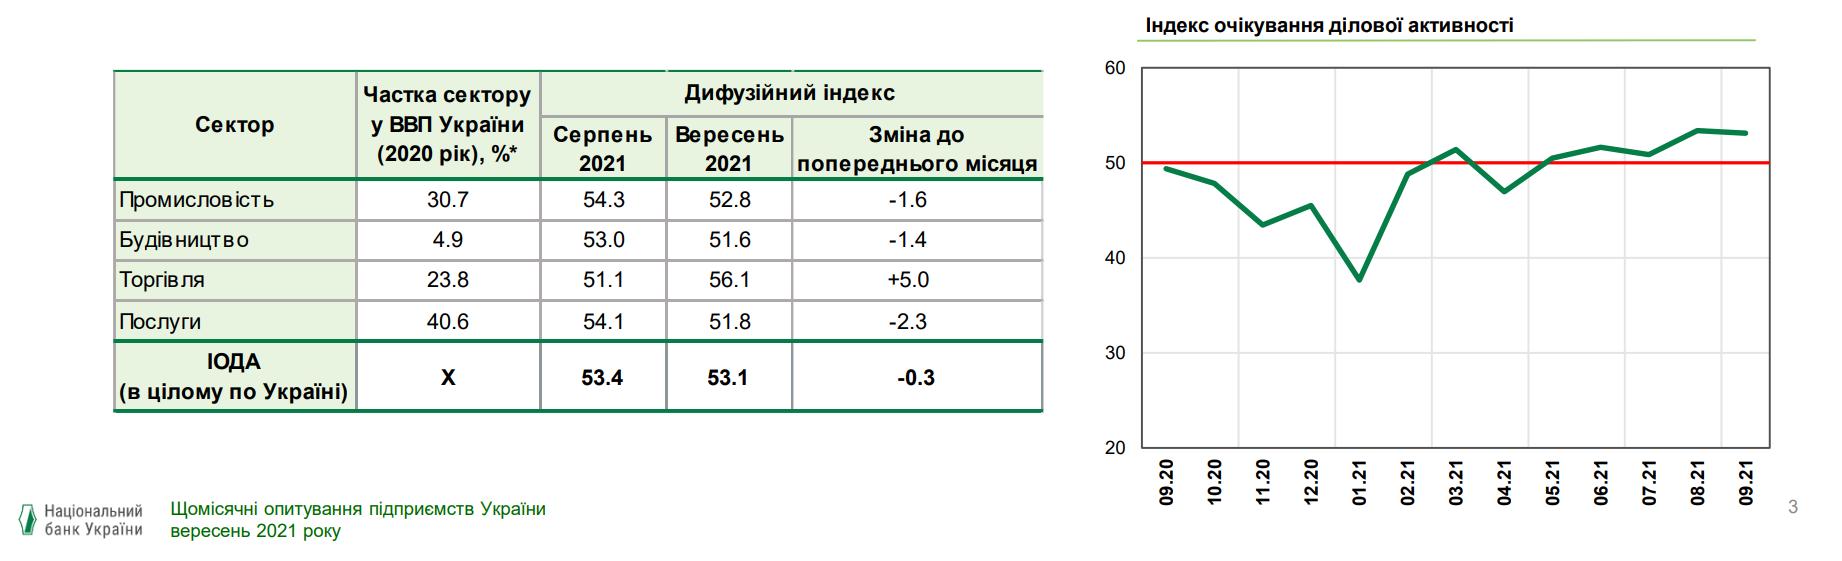 Позитивные ожидания закрепились во всех секторах экономики – индекс НБУ